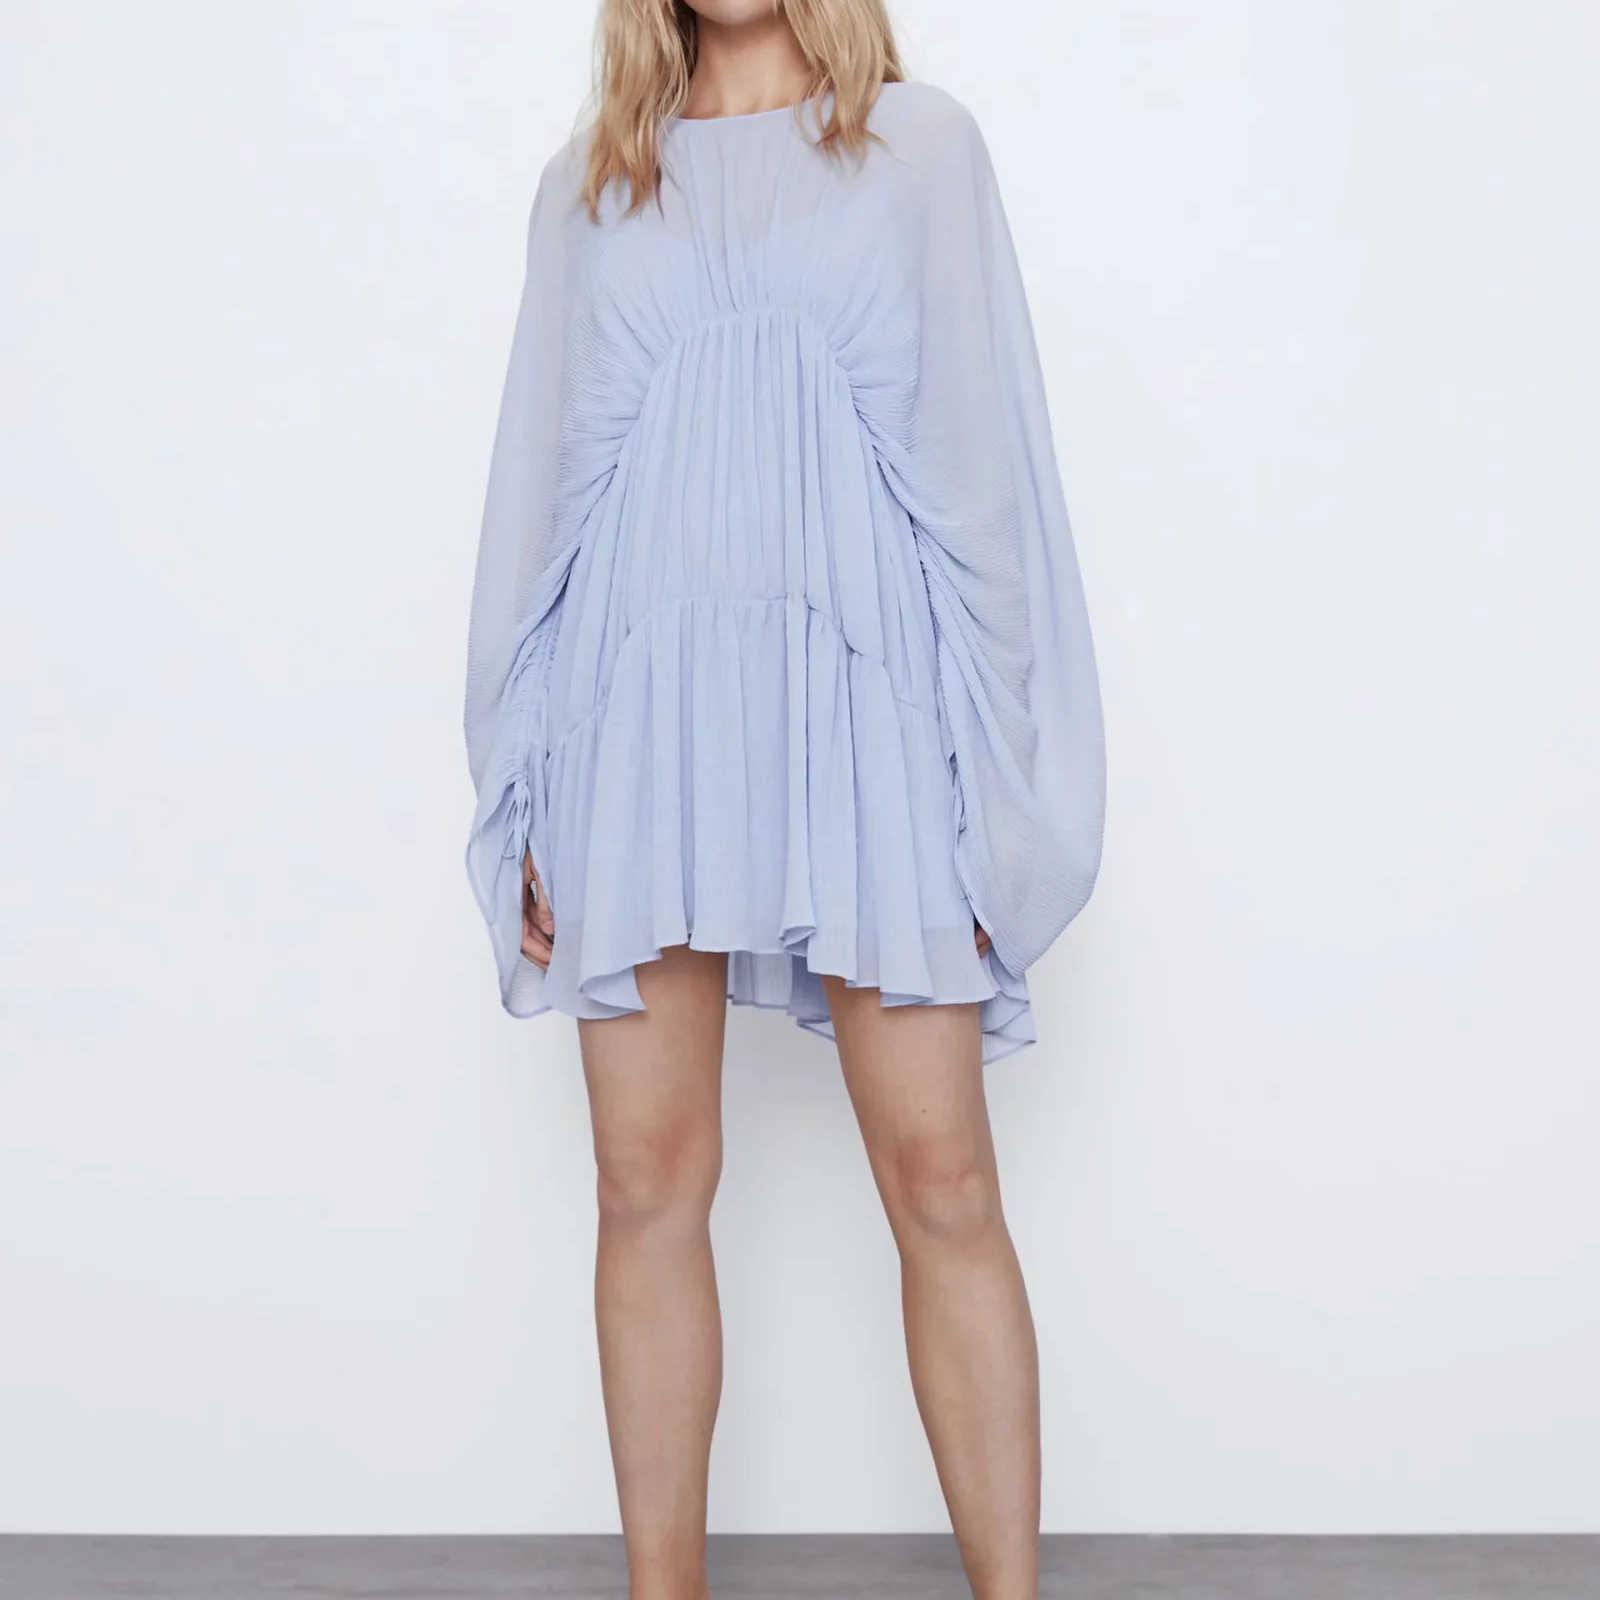 2020 nuove donne di luce blu drappeggiato pieghettato il vestito che scorre scollo tondo allentato-montaggio maniche lunghe abiti lacci regolabili femminile